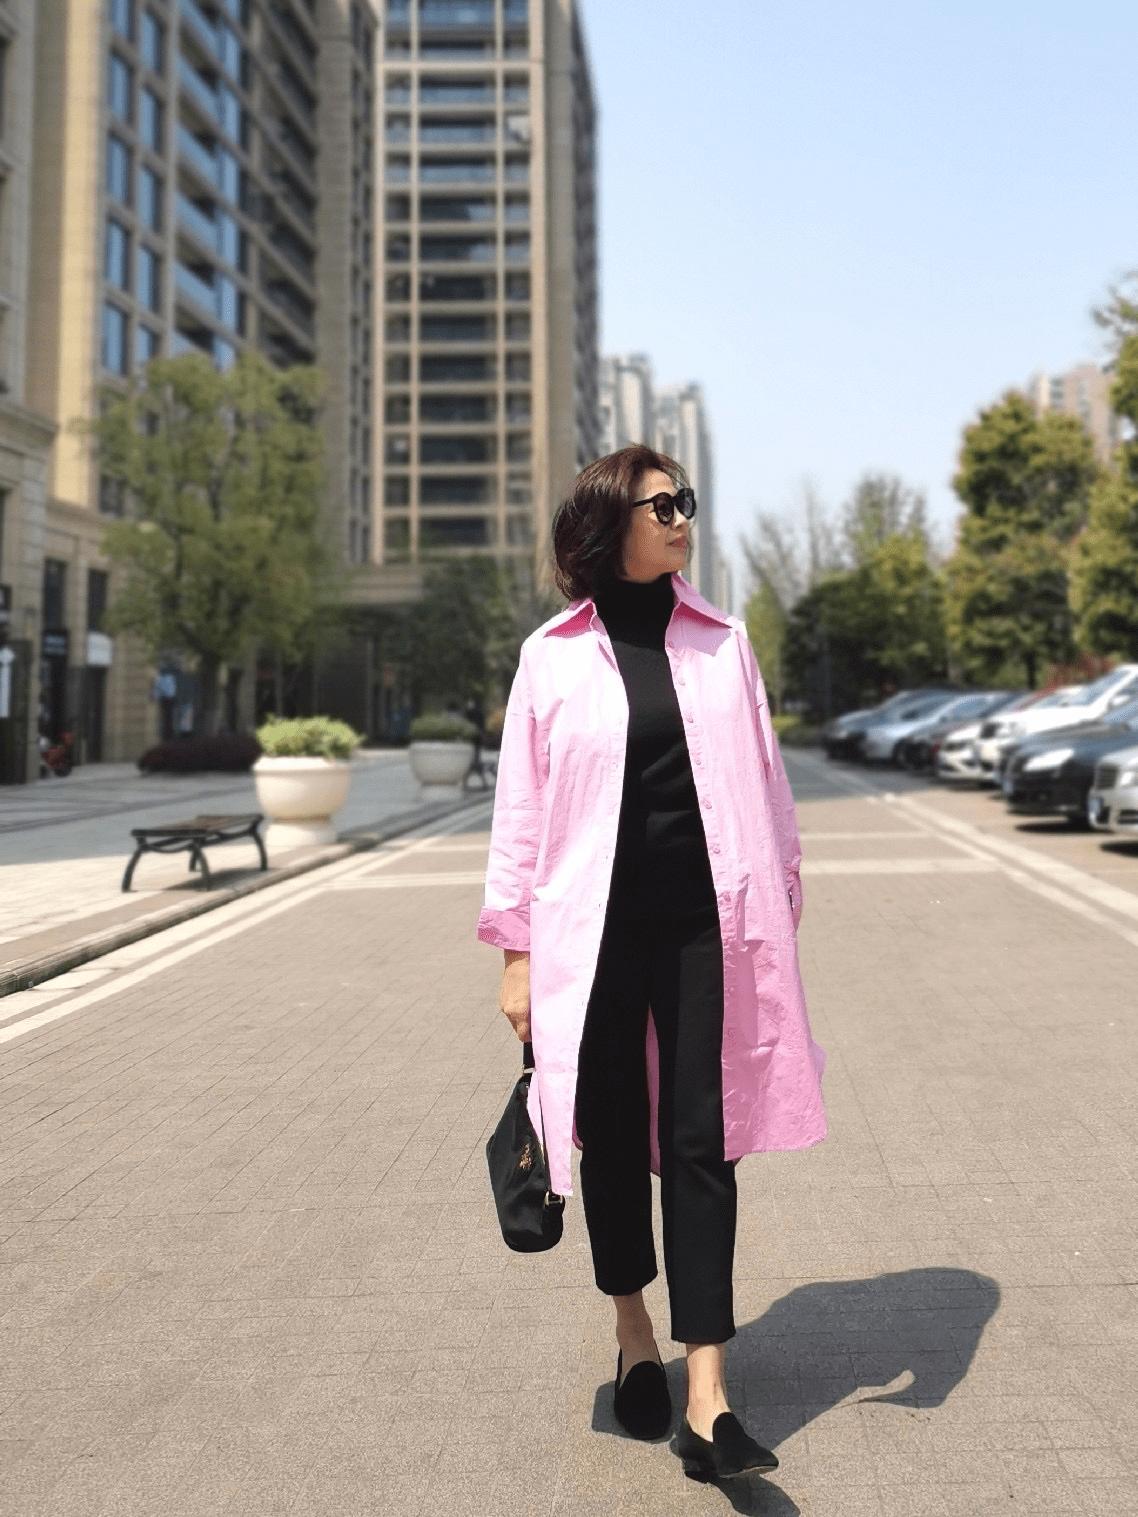 年过50的女性,早春穿什么?九分裤+风衣,照着穿时髦气质